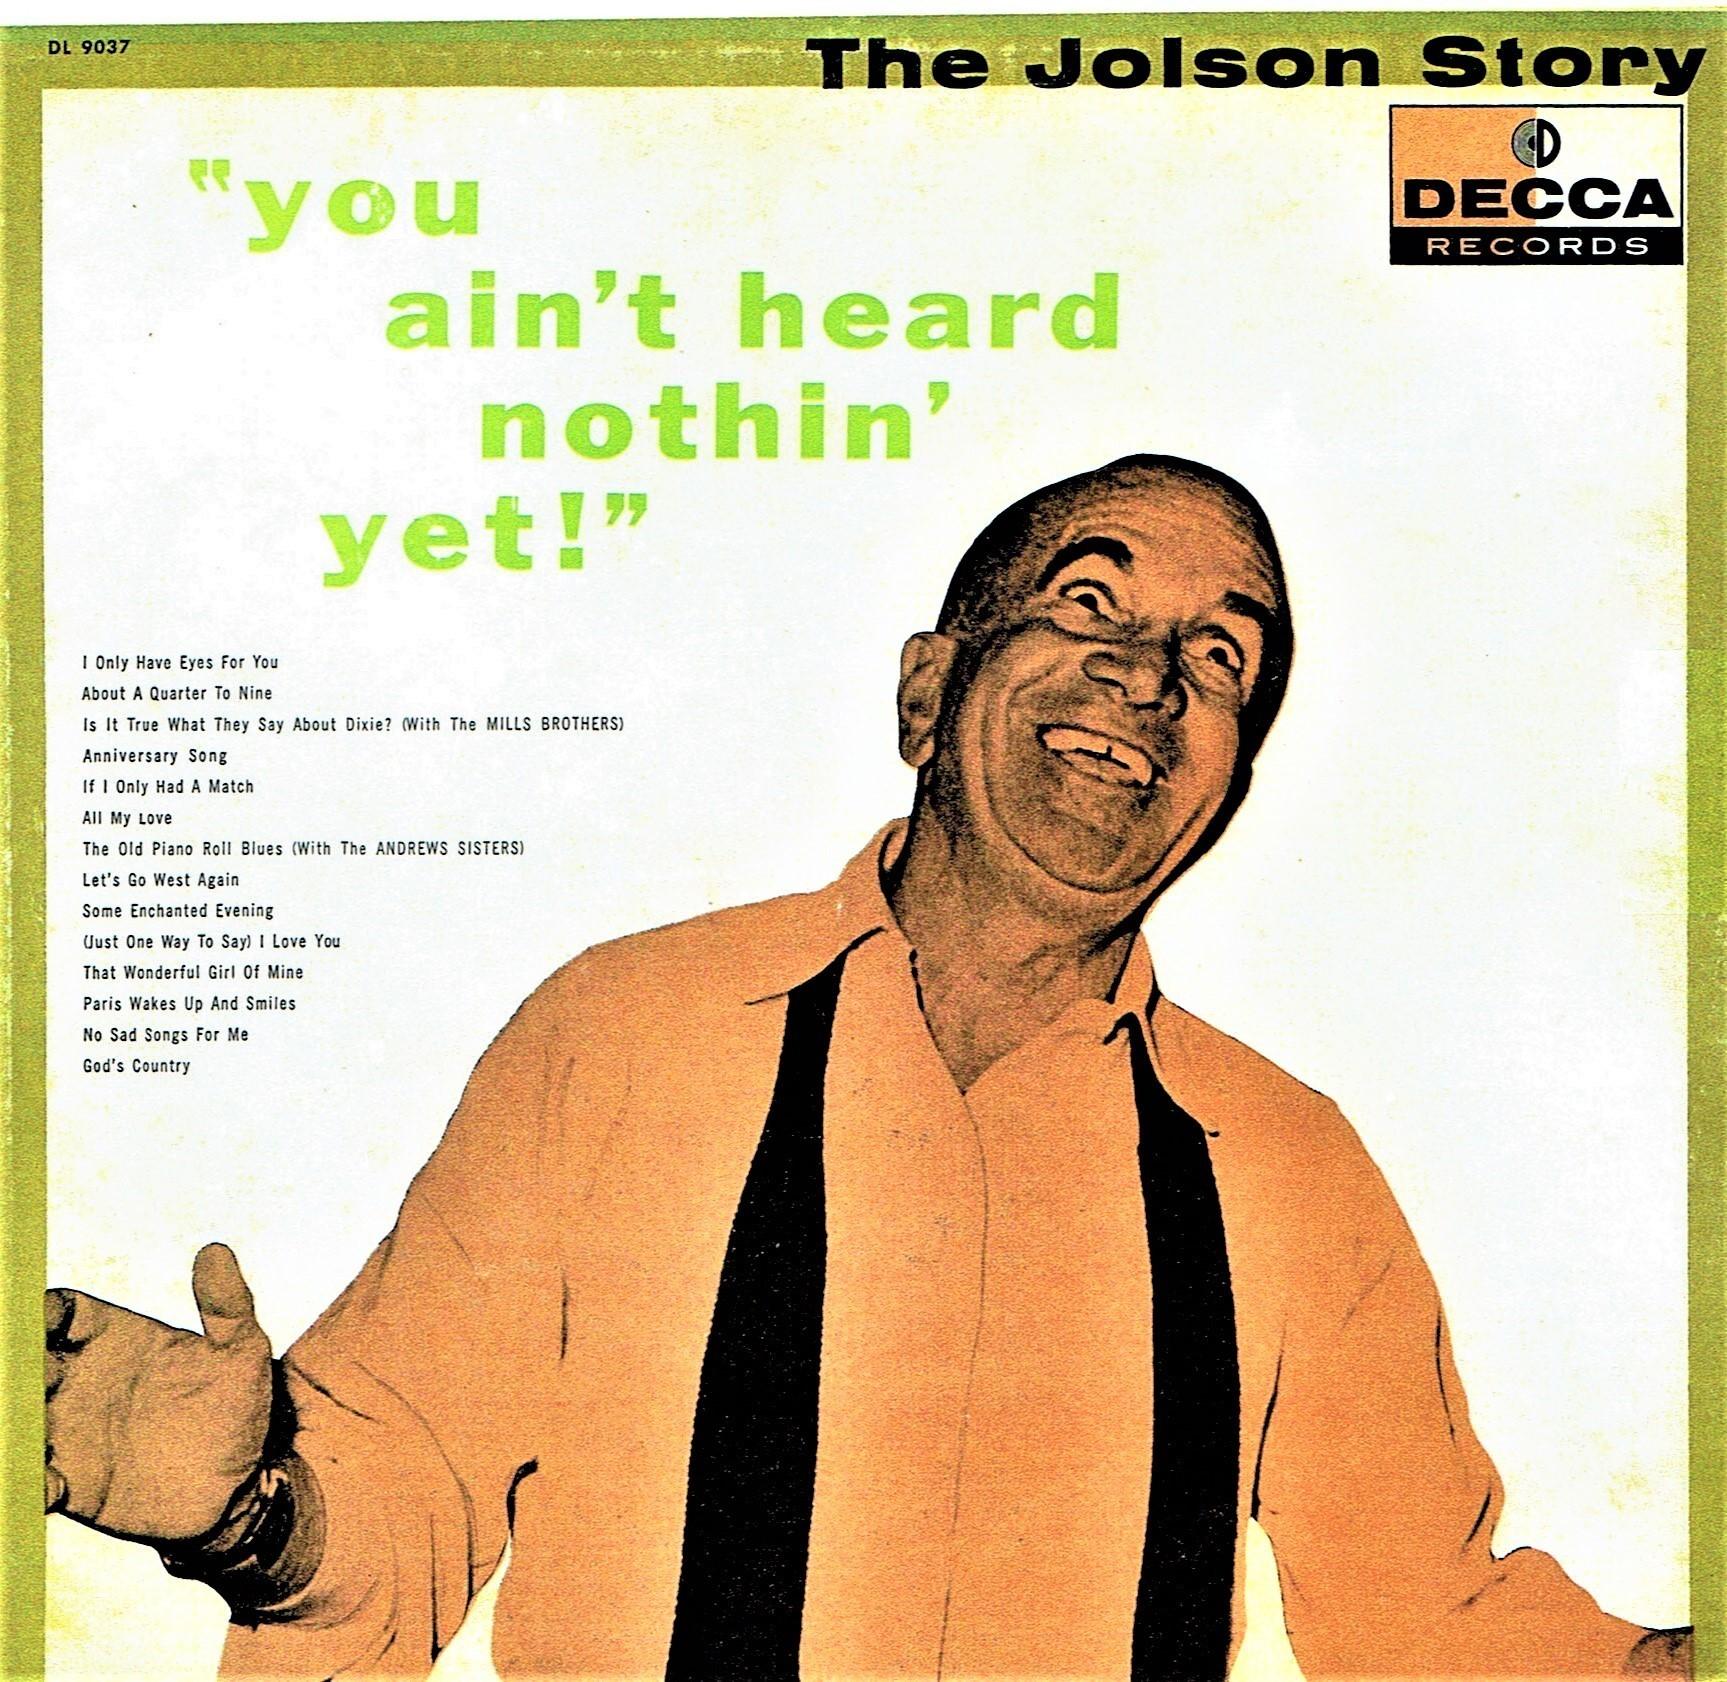 一見ただのひょうきんなオッサンだが、このお方こそ、アメリカにおけるエンタテイナー第一号のアル・ジョルスン。彼が後年、十八番を再録音したLPのジャケットだ。